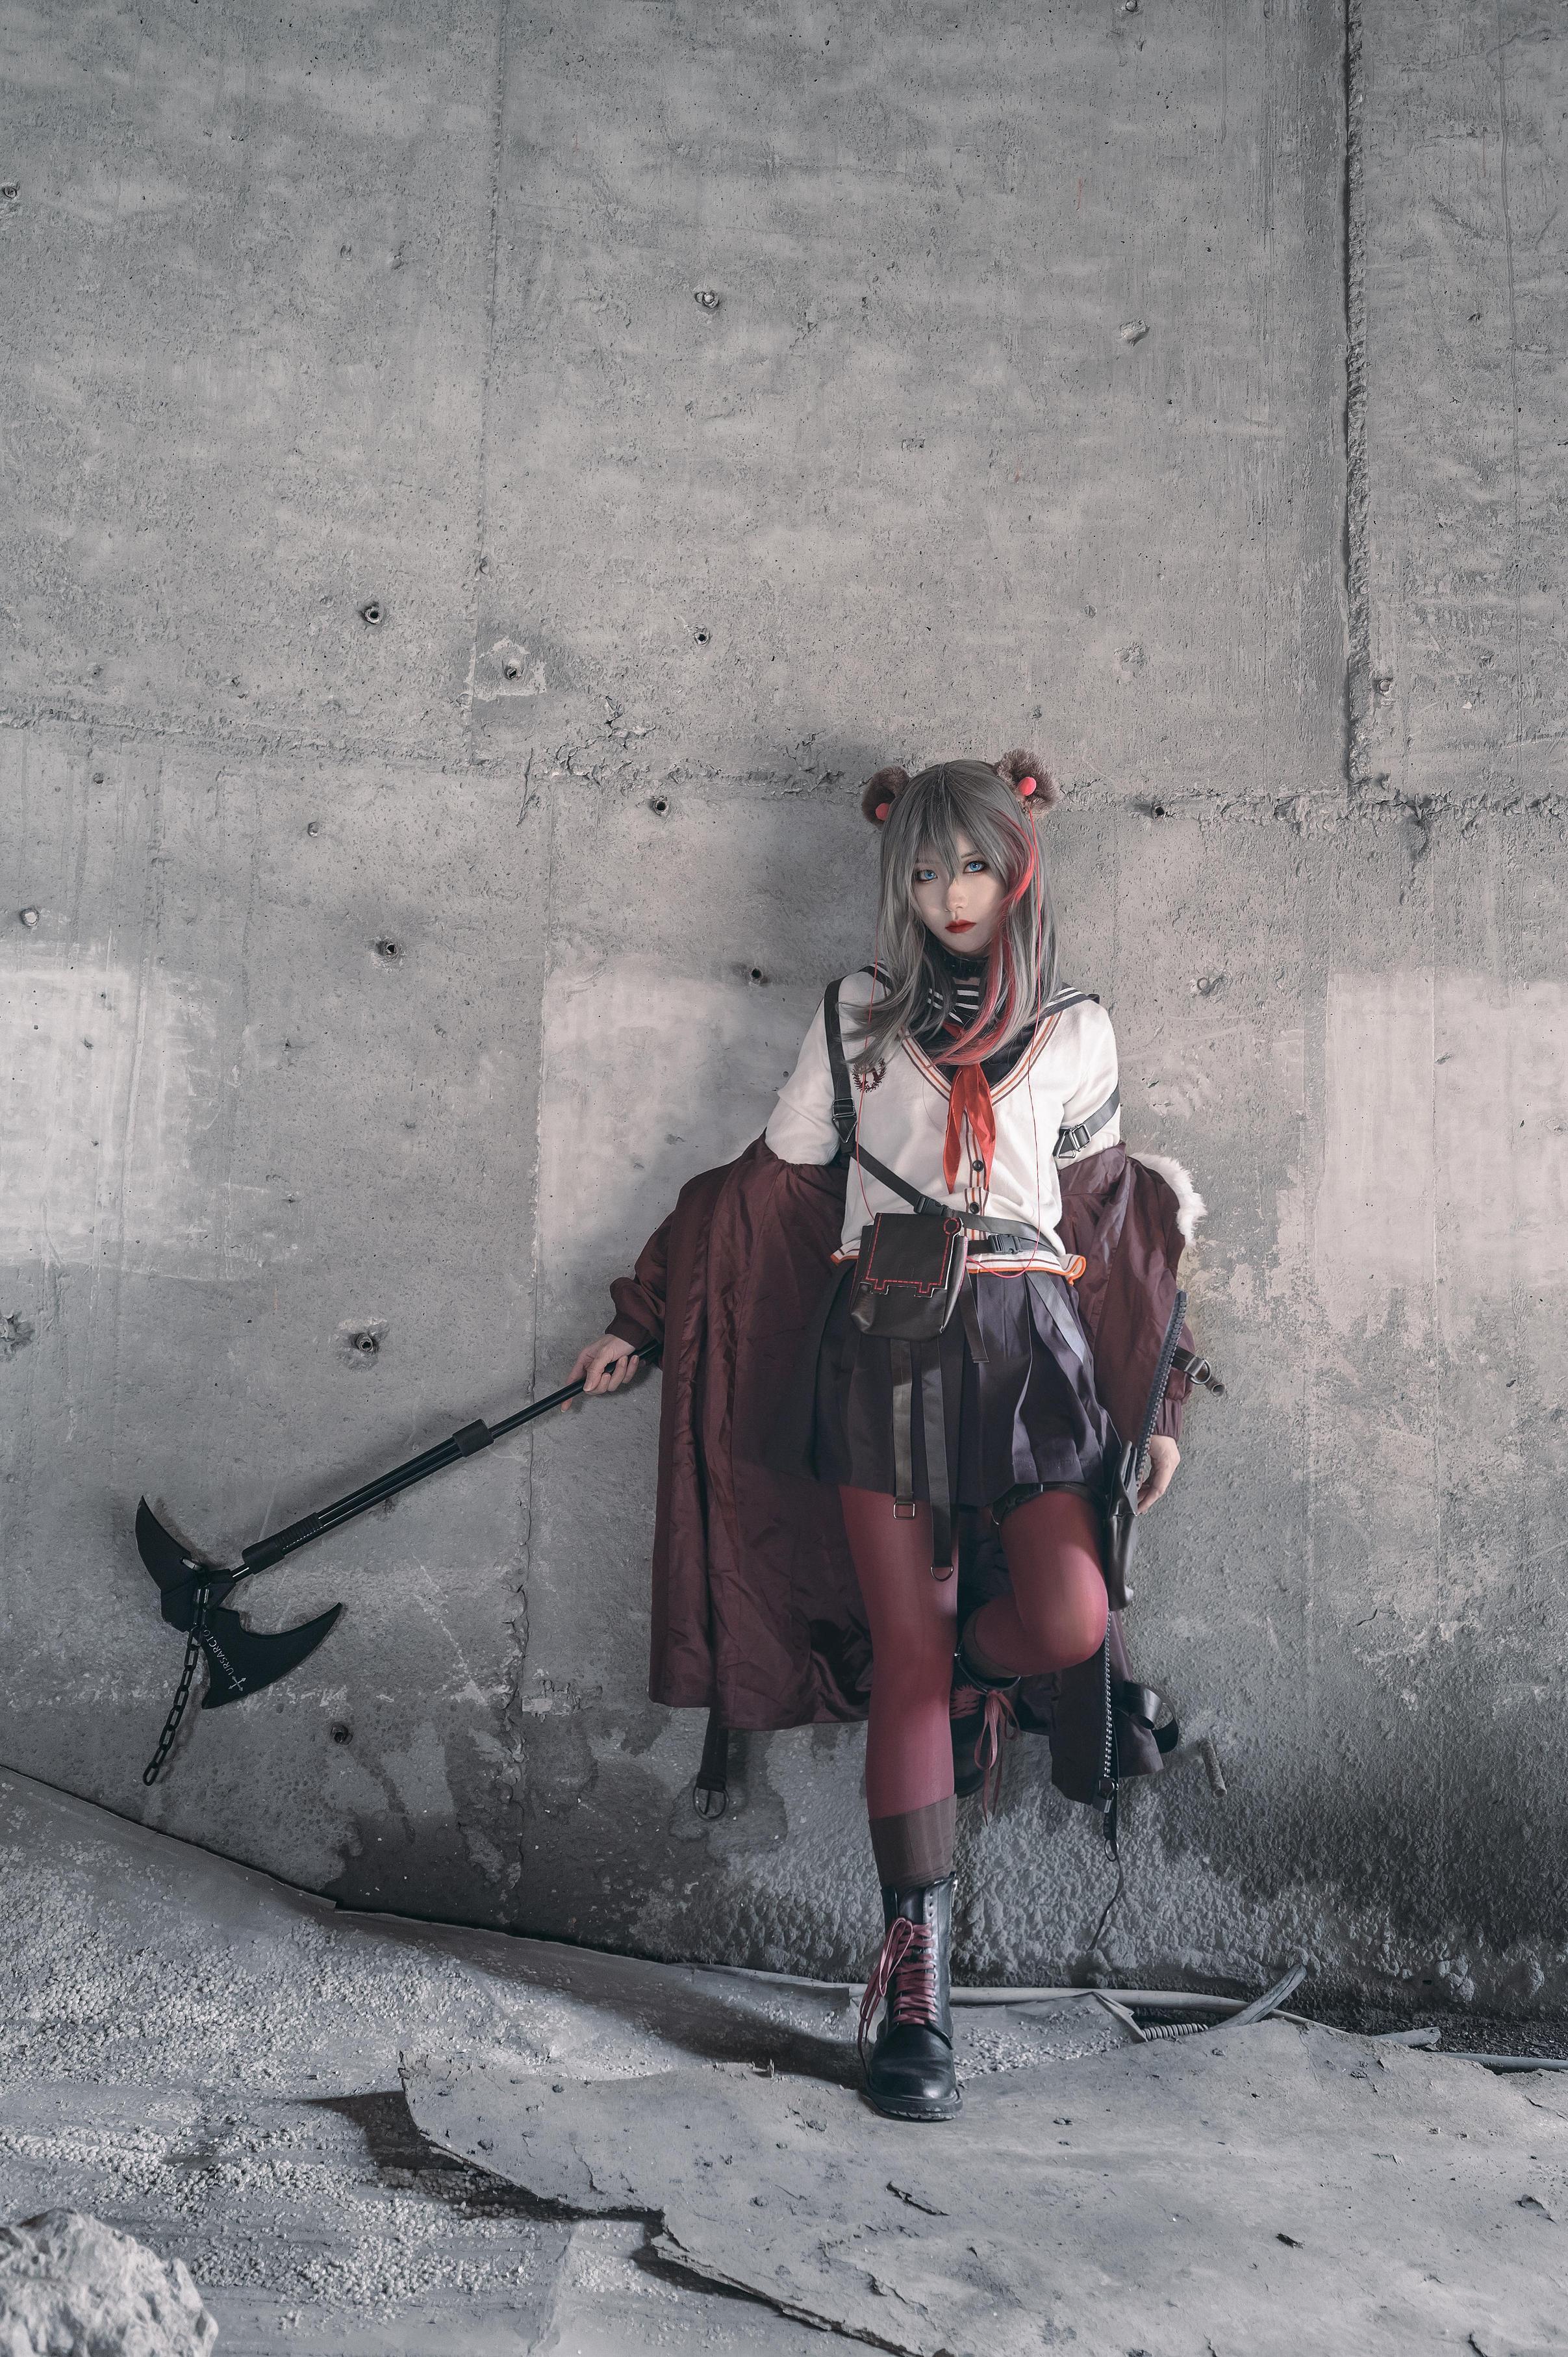 《明日方舟》正片cosplay【CN:小青姑娘闭关修炼中】-第8张